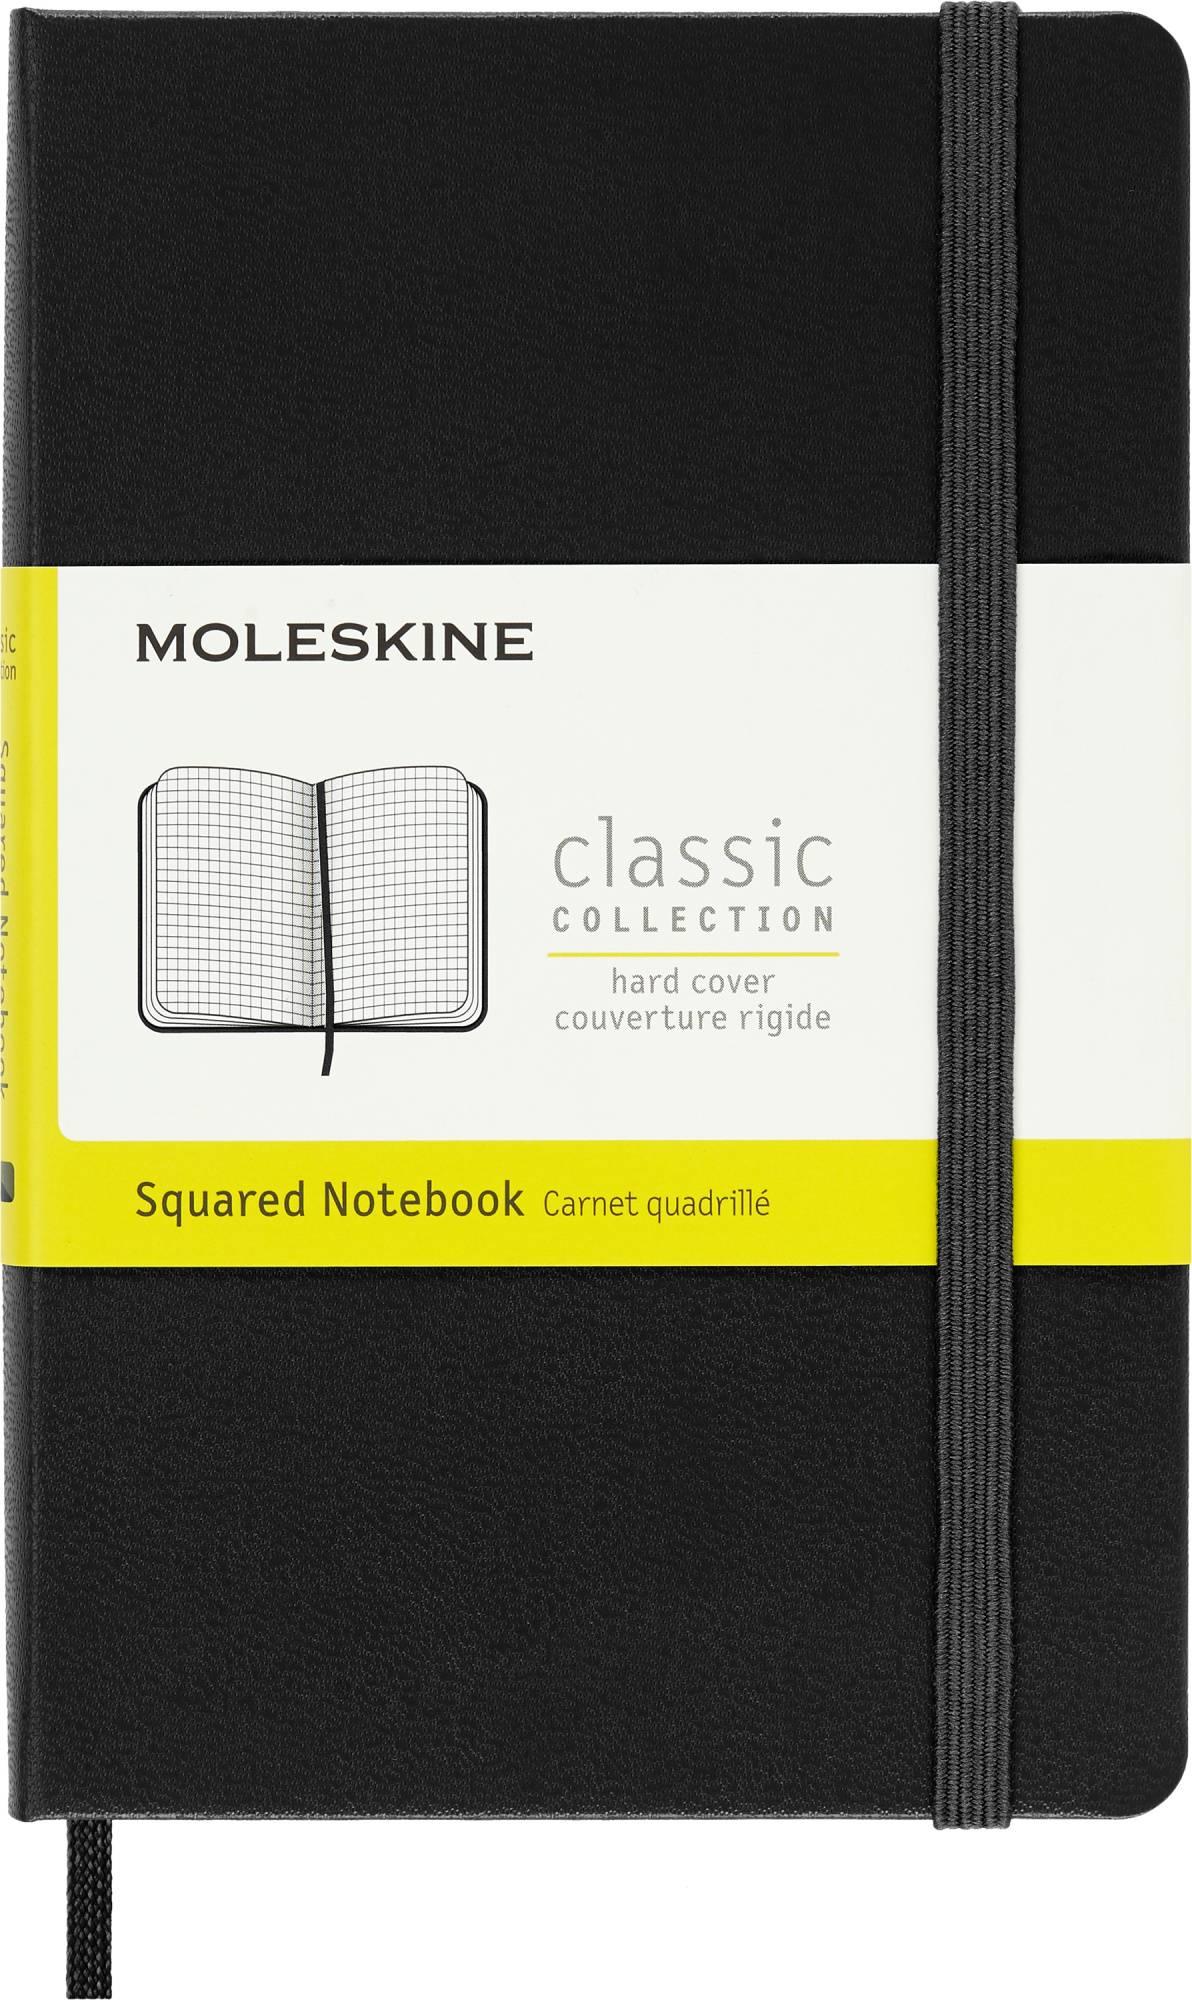 Блокнот Moleskine CLASSIC POCKET 90x140мм 192стр. клетка твердая обложка фиксирующая резинка черный - фото 1